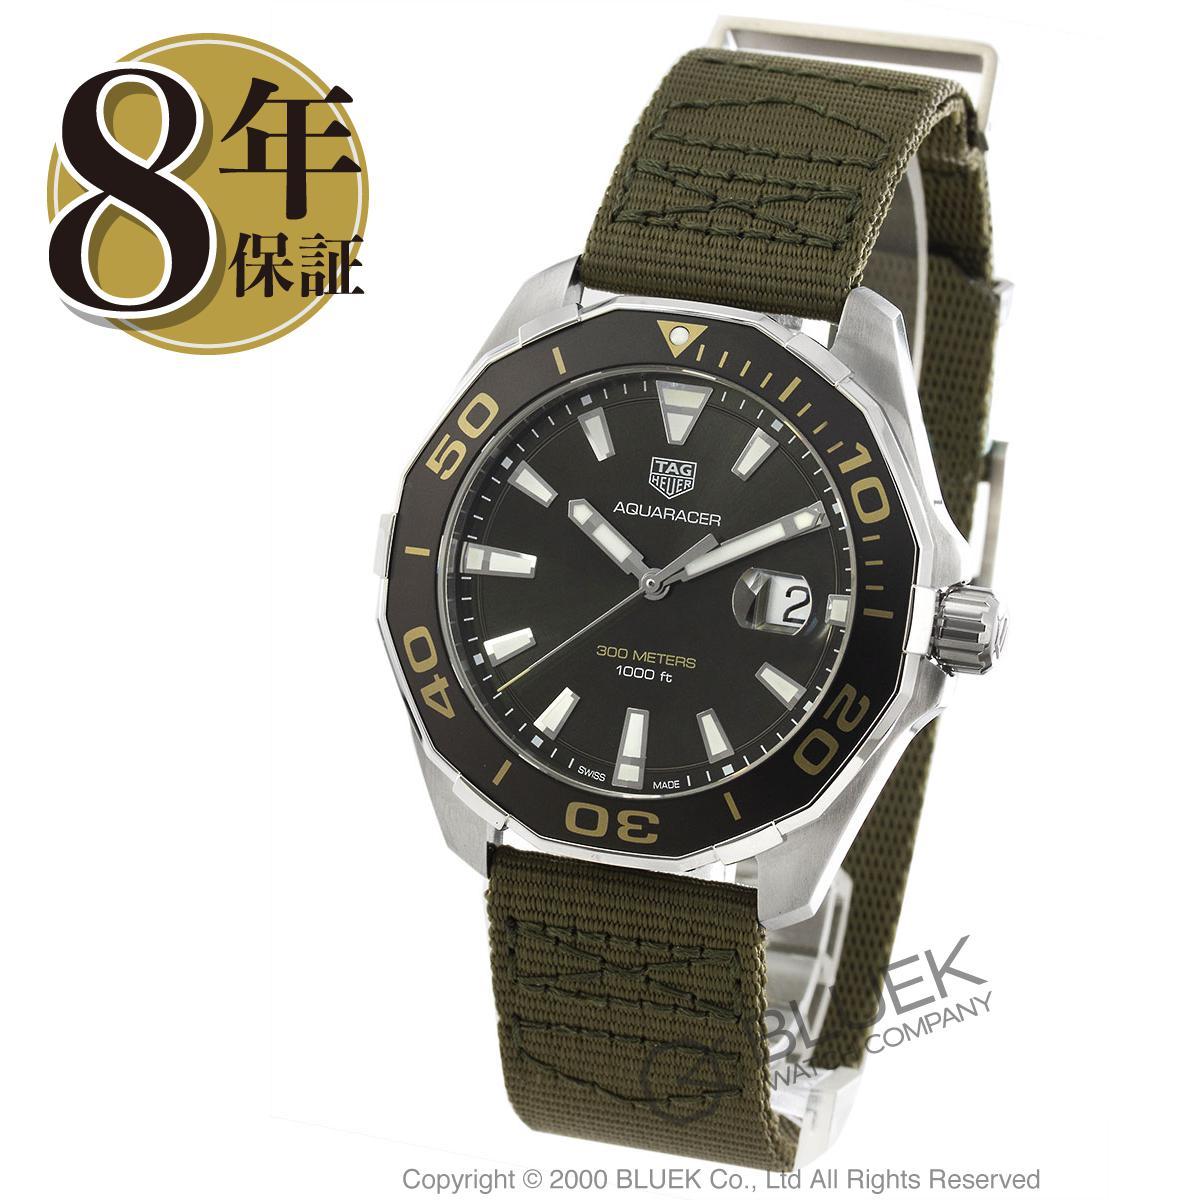 タグホイヤー アクアレーサー 300m防水 腕時計 メンズ TAG Heuer WAY101E.FC8222_8 バーゲン ギフト プレゼント